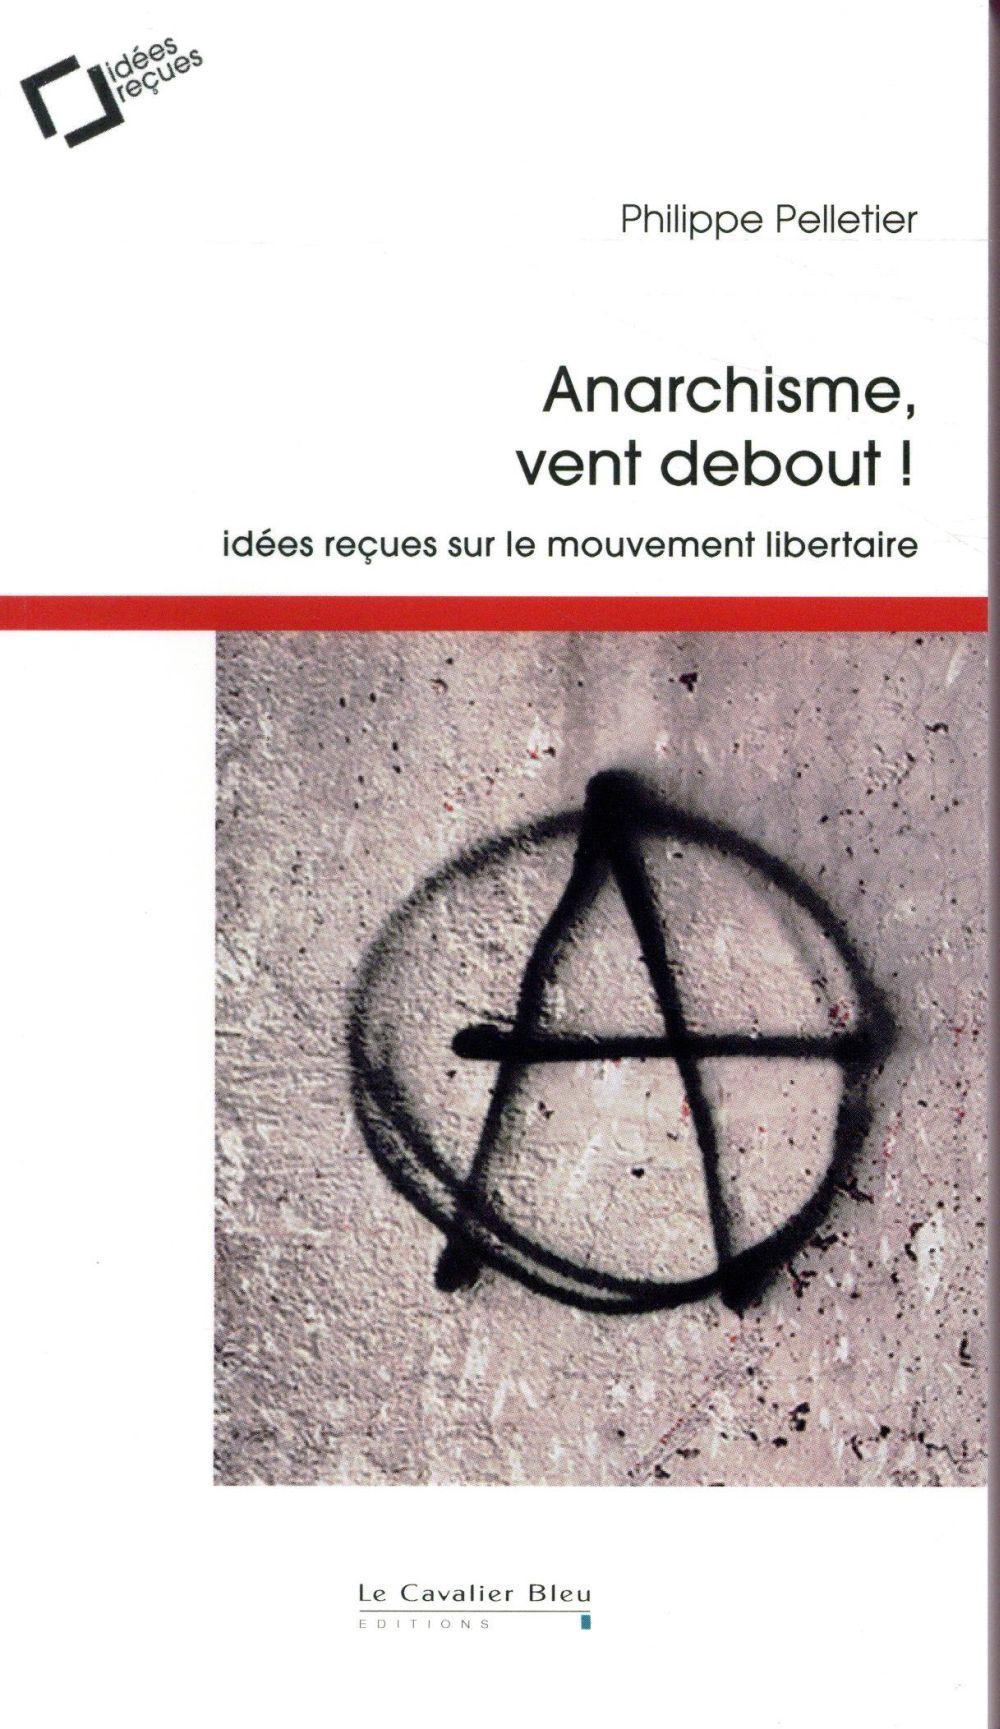 ANARCHISME, VENT DEBOUT ! - IDEES RECUES SUR LE MOUVEMENT LIBERTAIRE